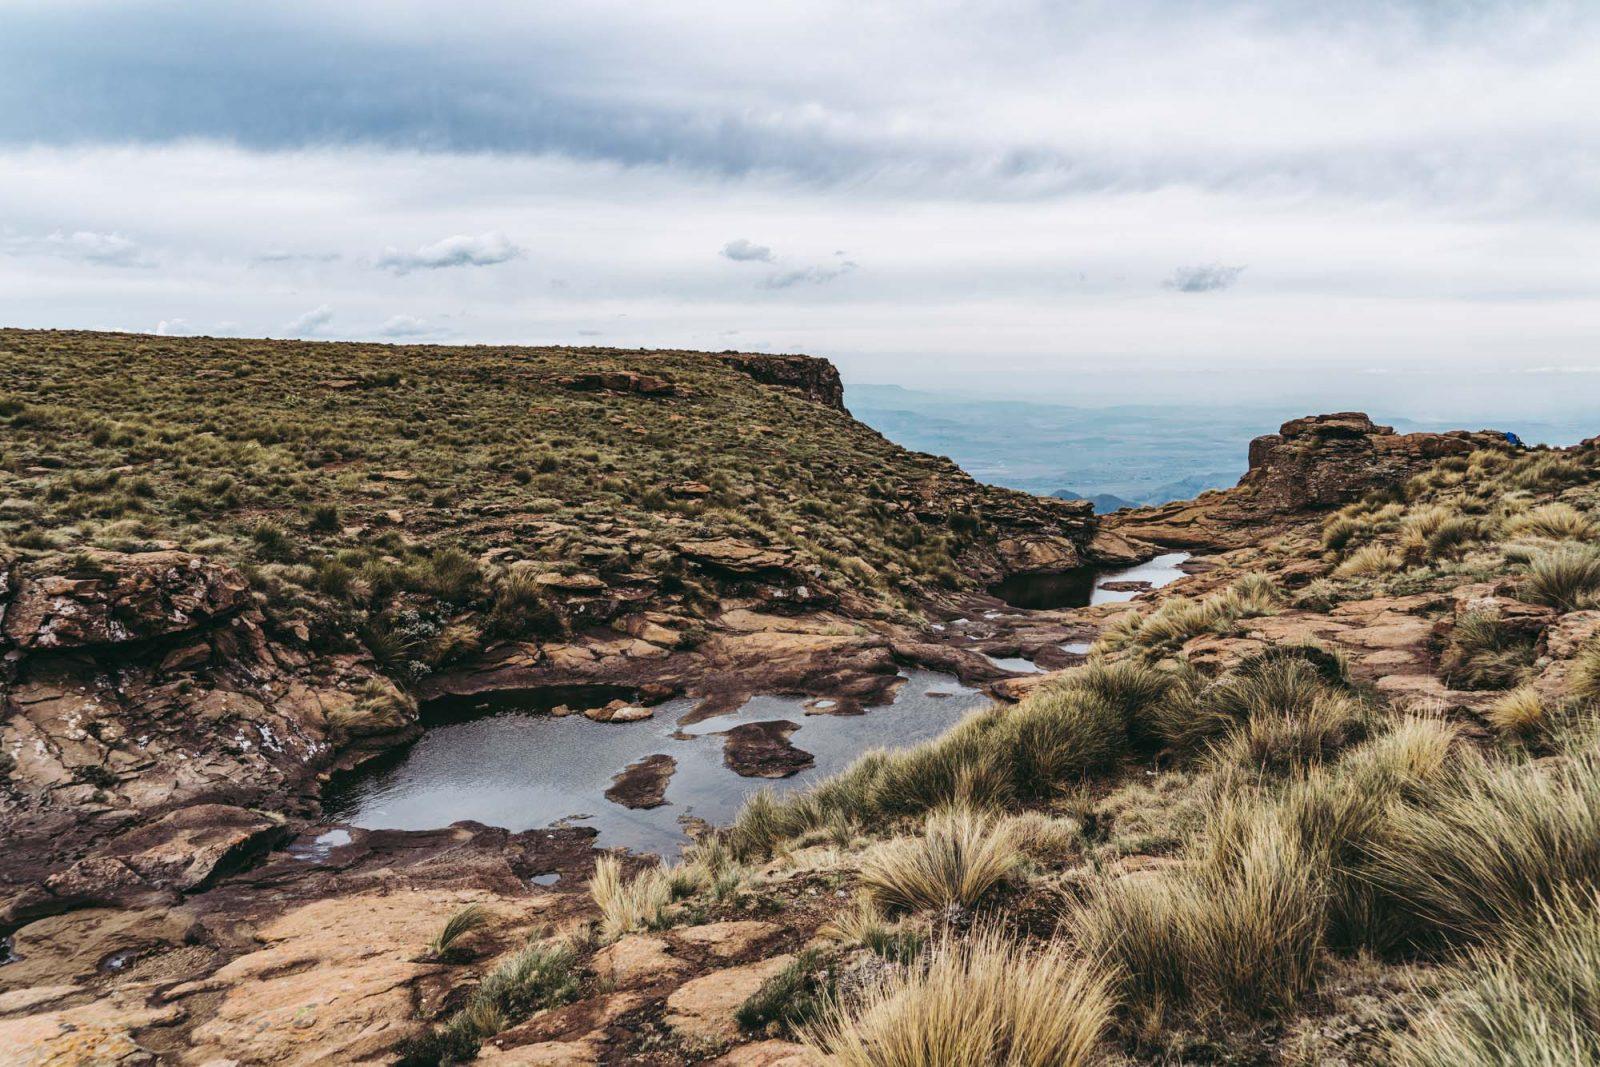 Tugela River, Drakensberg